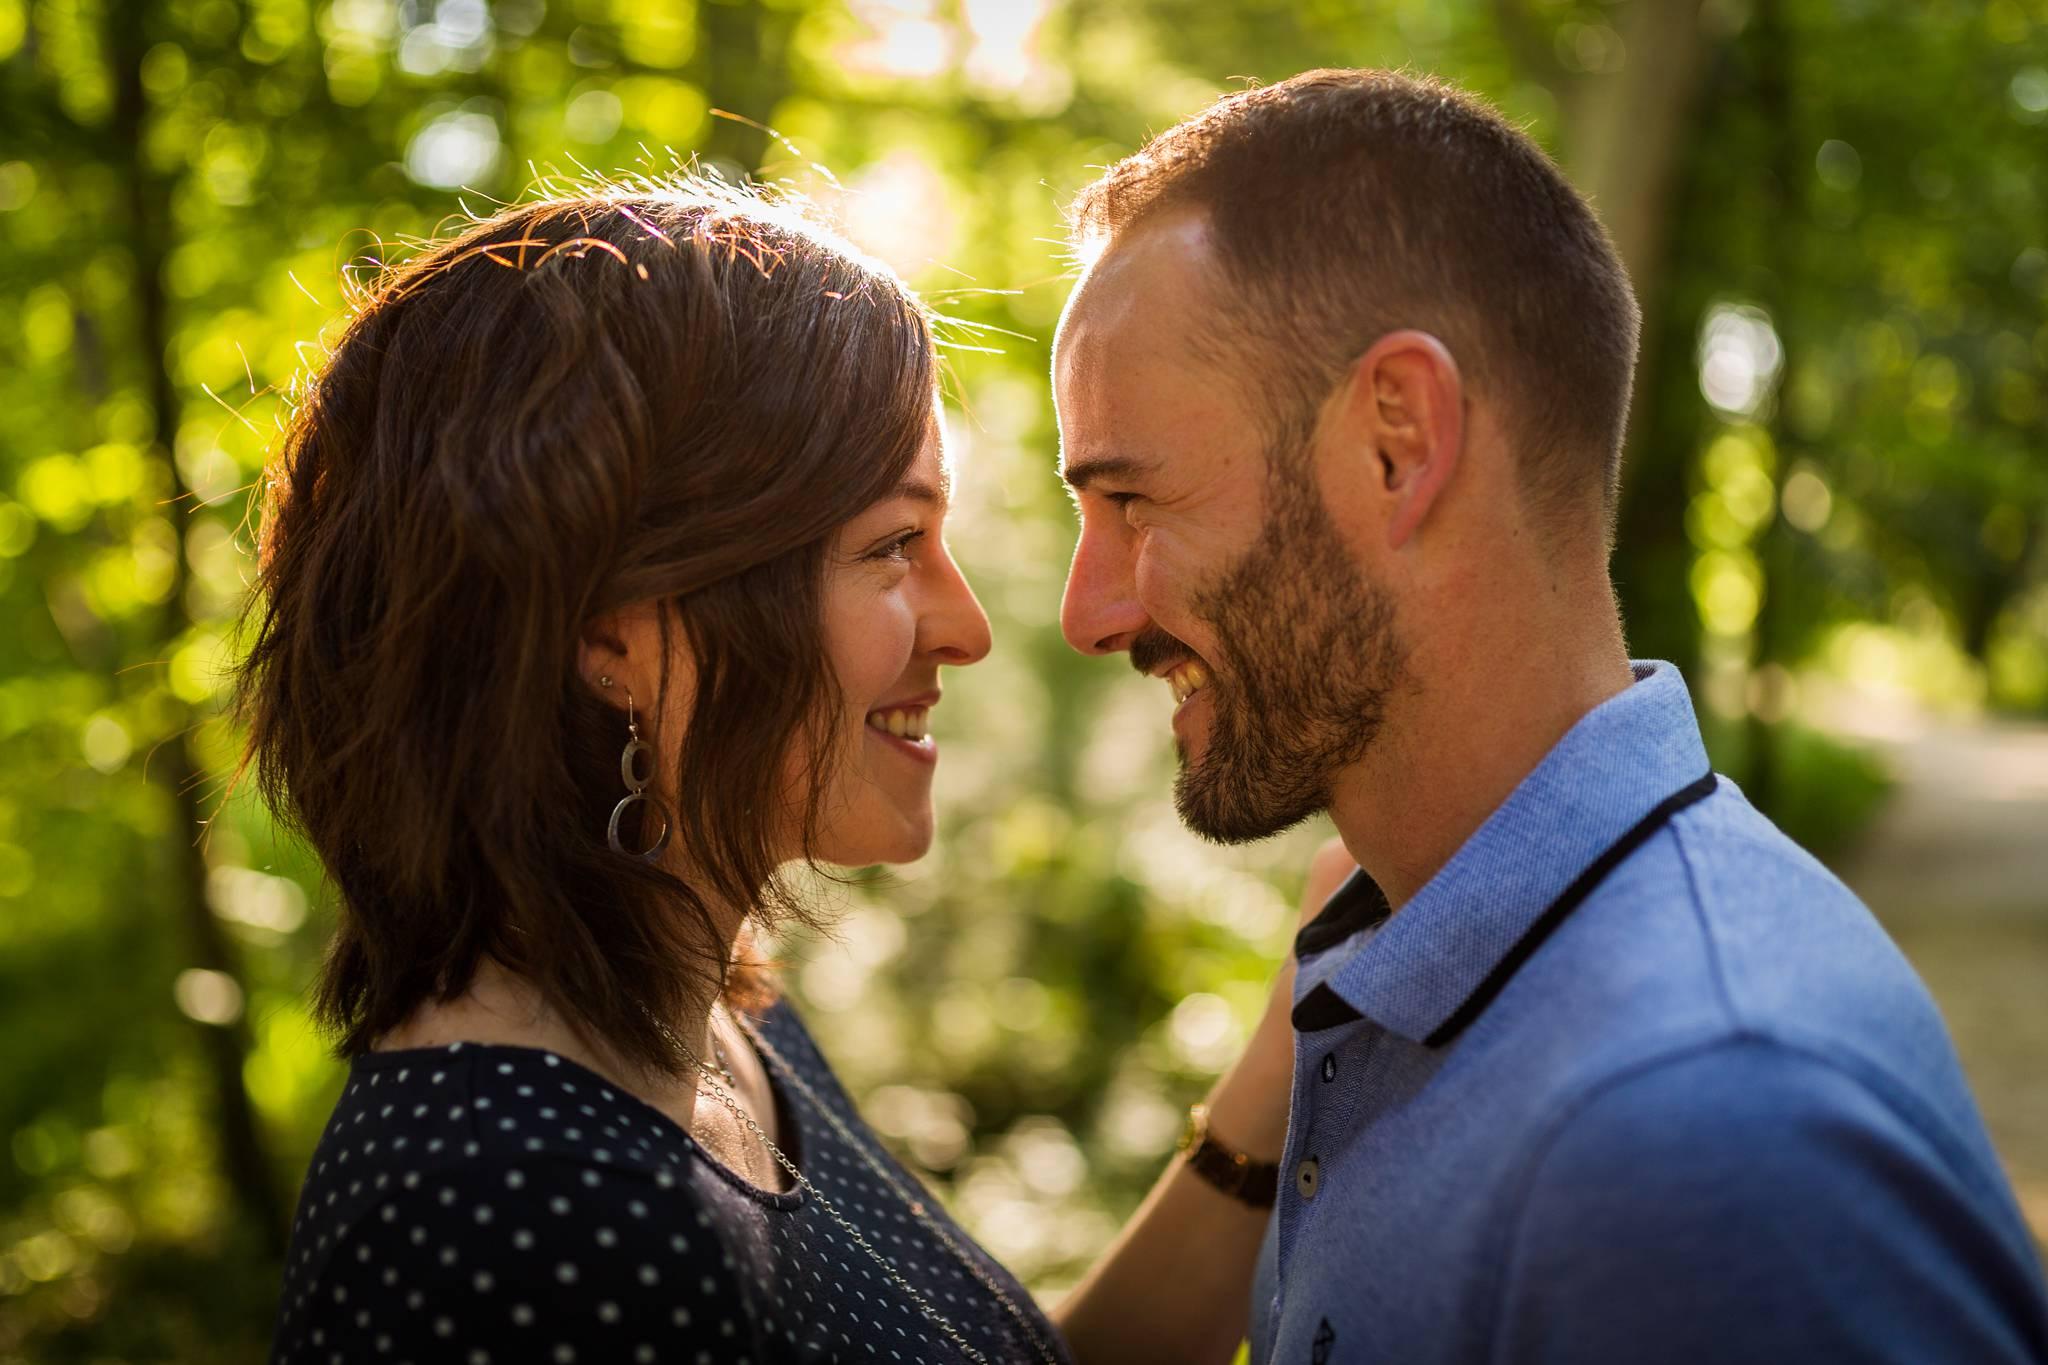 Les photos de grossesse et couple de Maud et Anthony, au Parc de Majolan de Blanquefort, en Gironde. Après leur mariage en 2015, voici Maud enceinte.